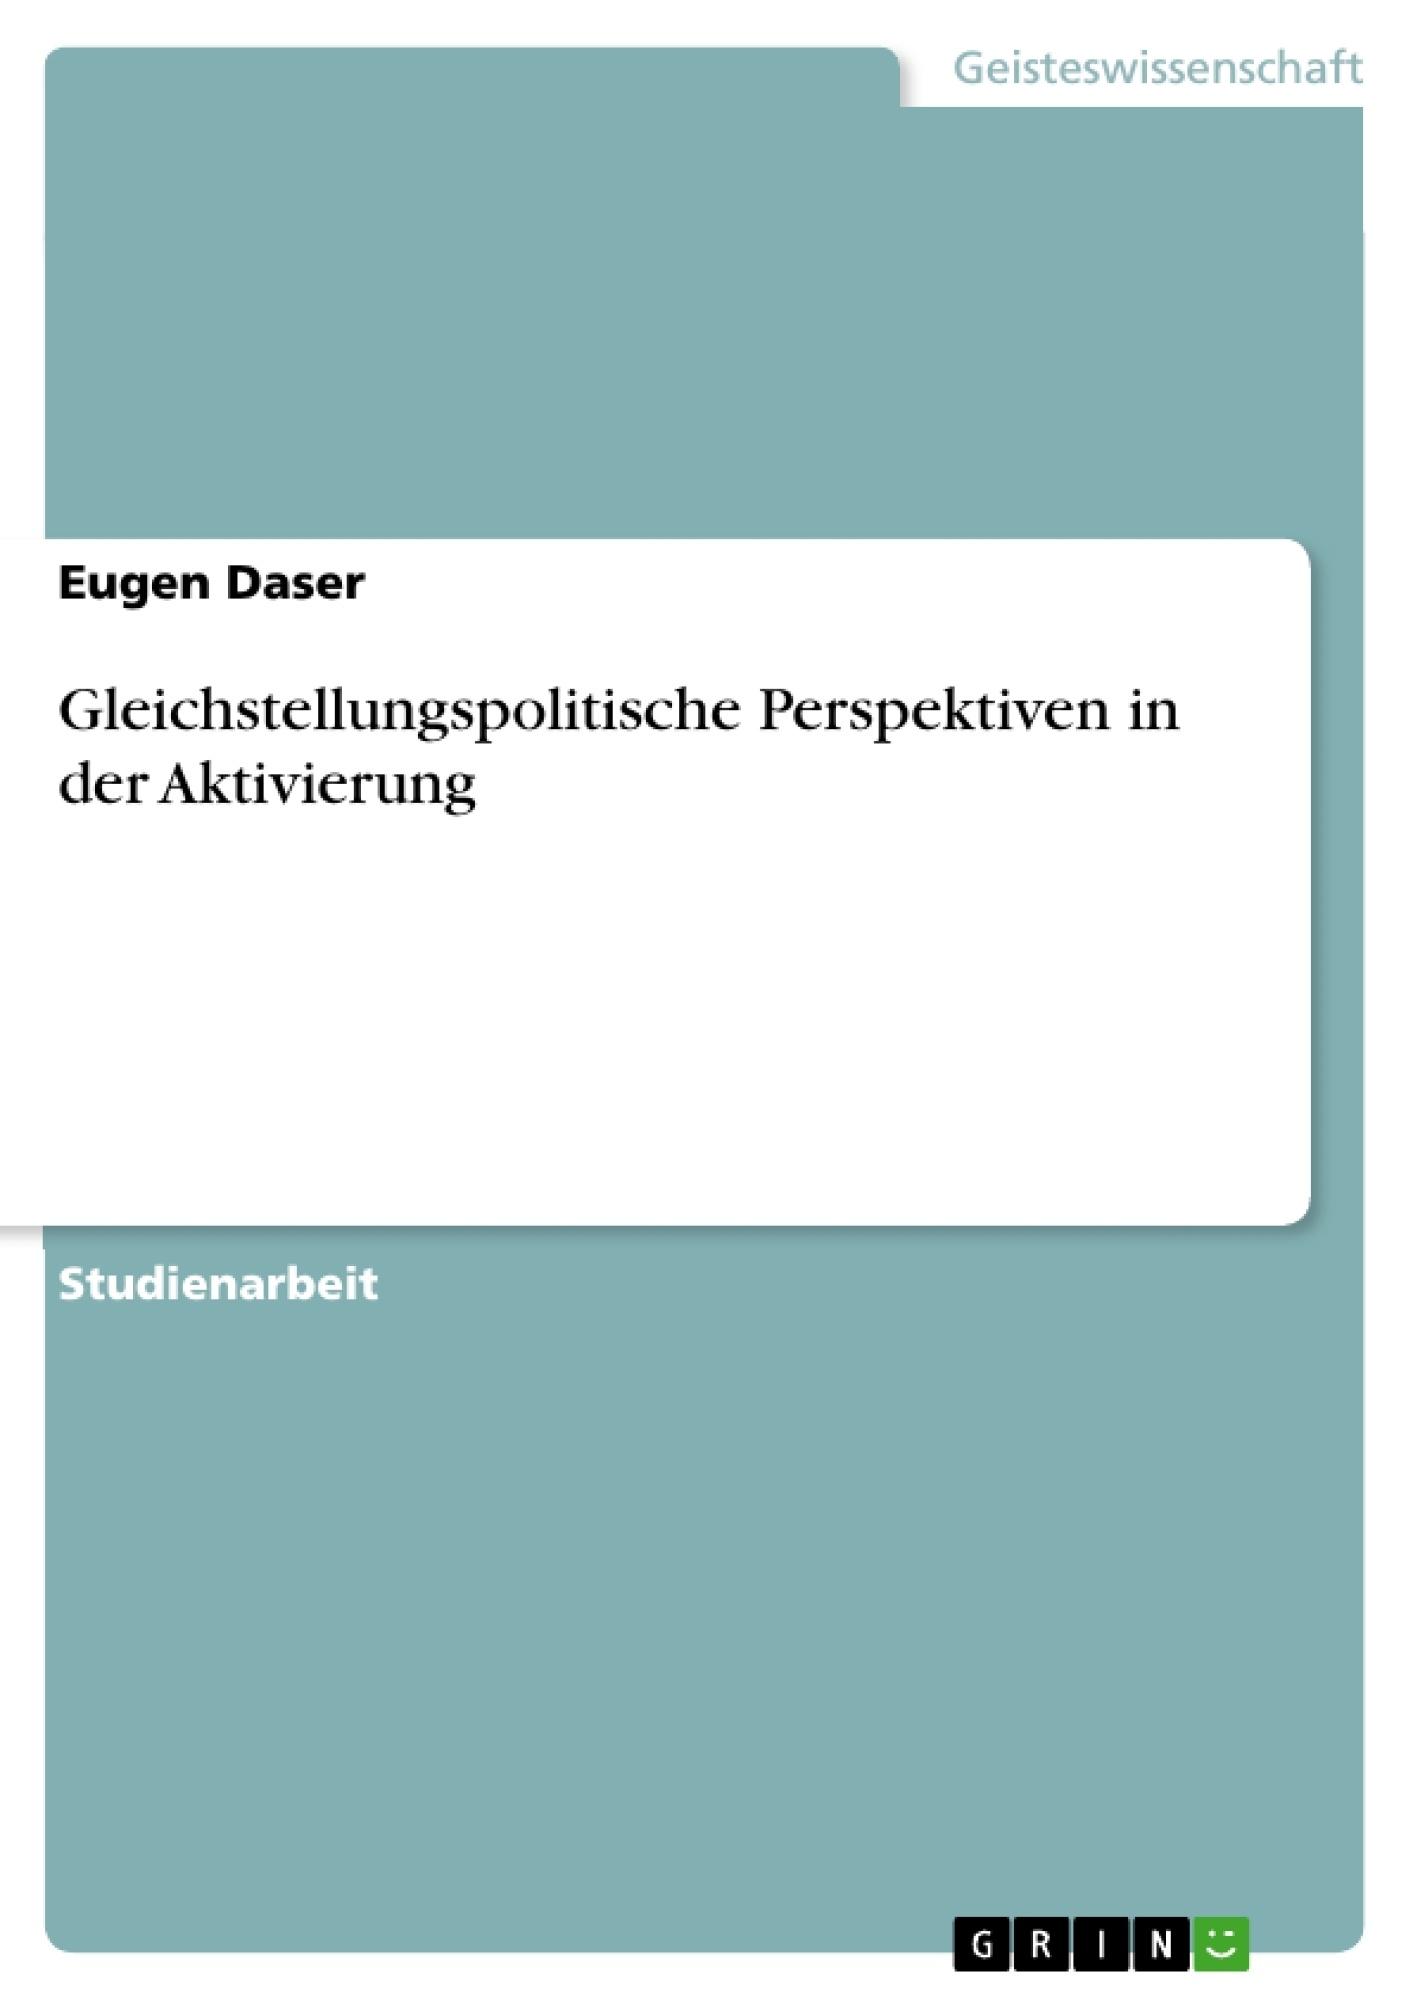 Titel: Gleichstellungspolitische Perspektiven in der Aktivierung